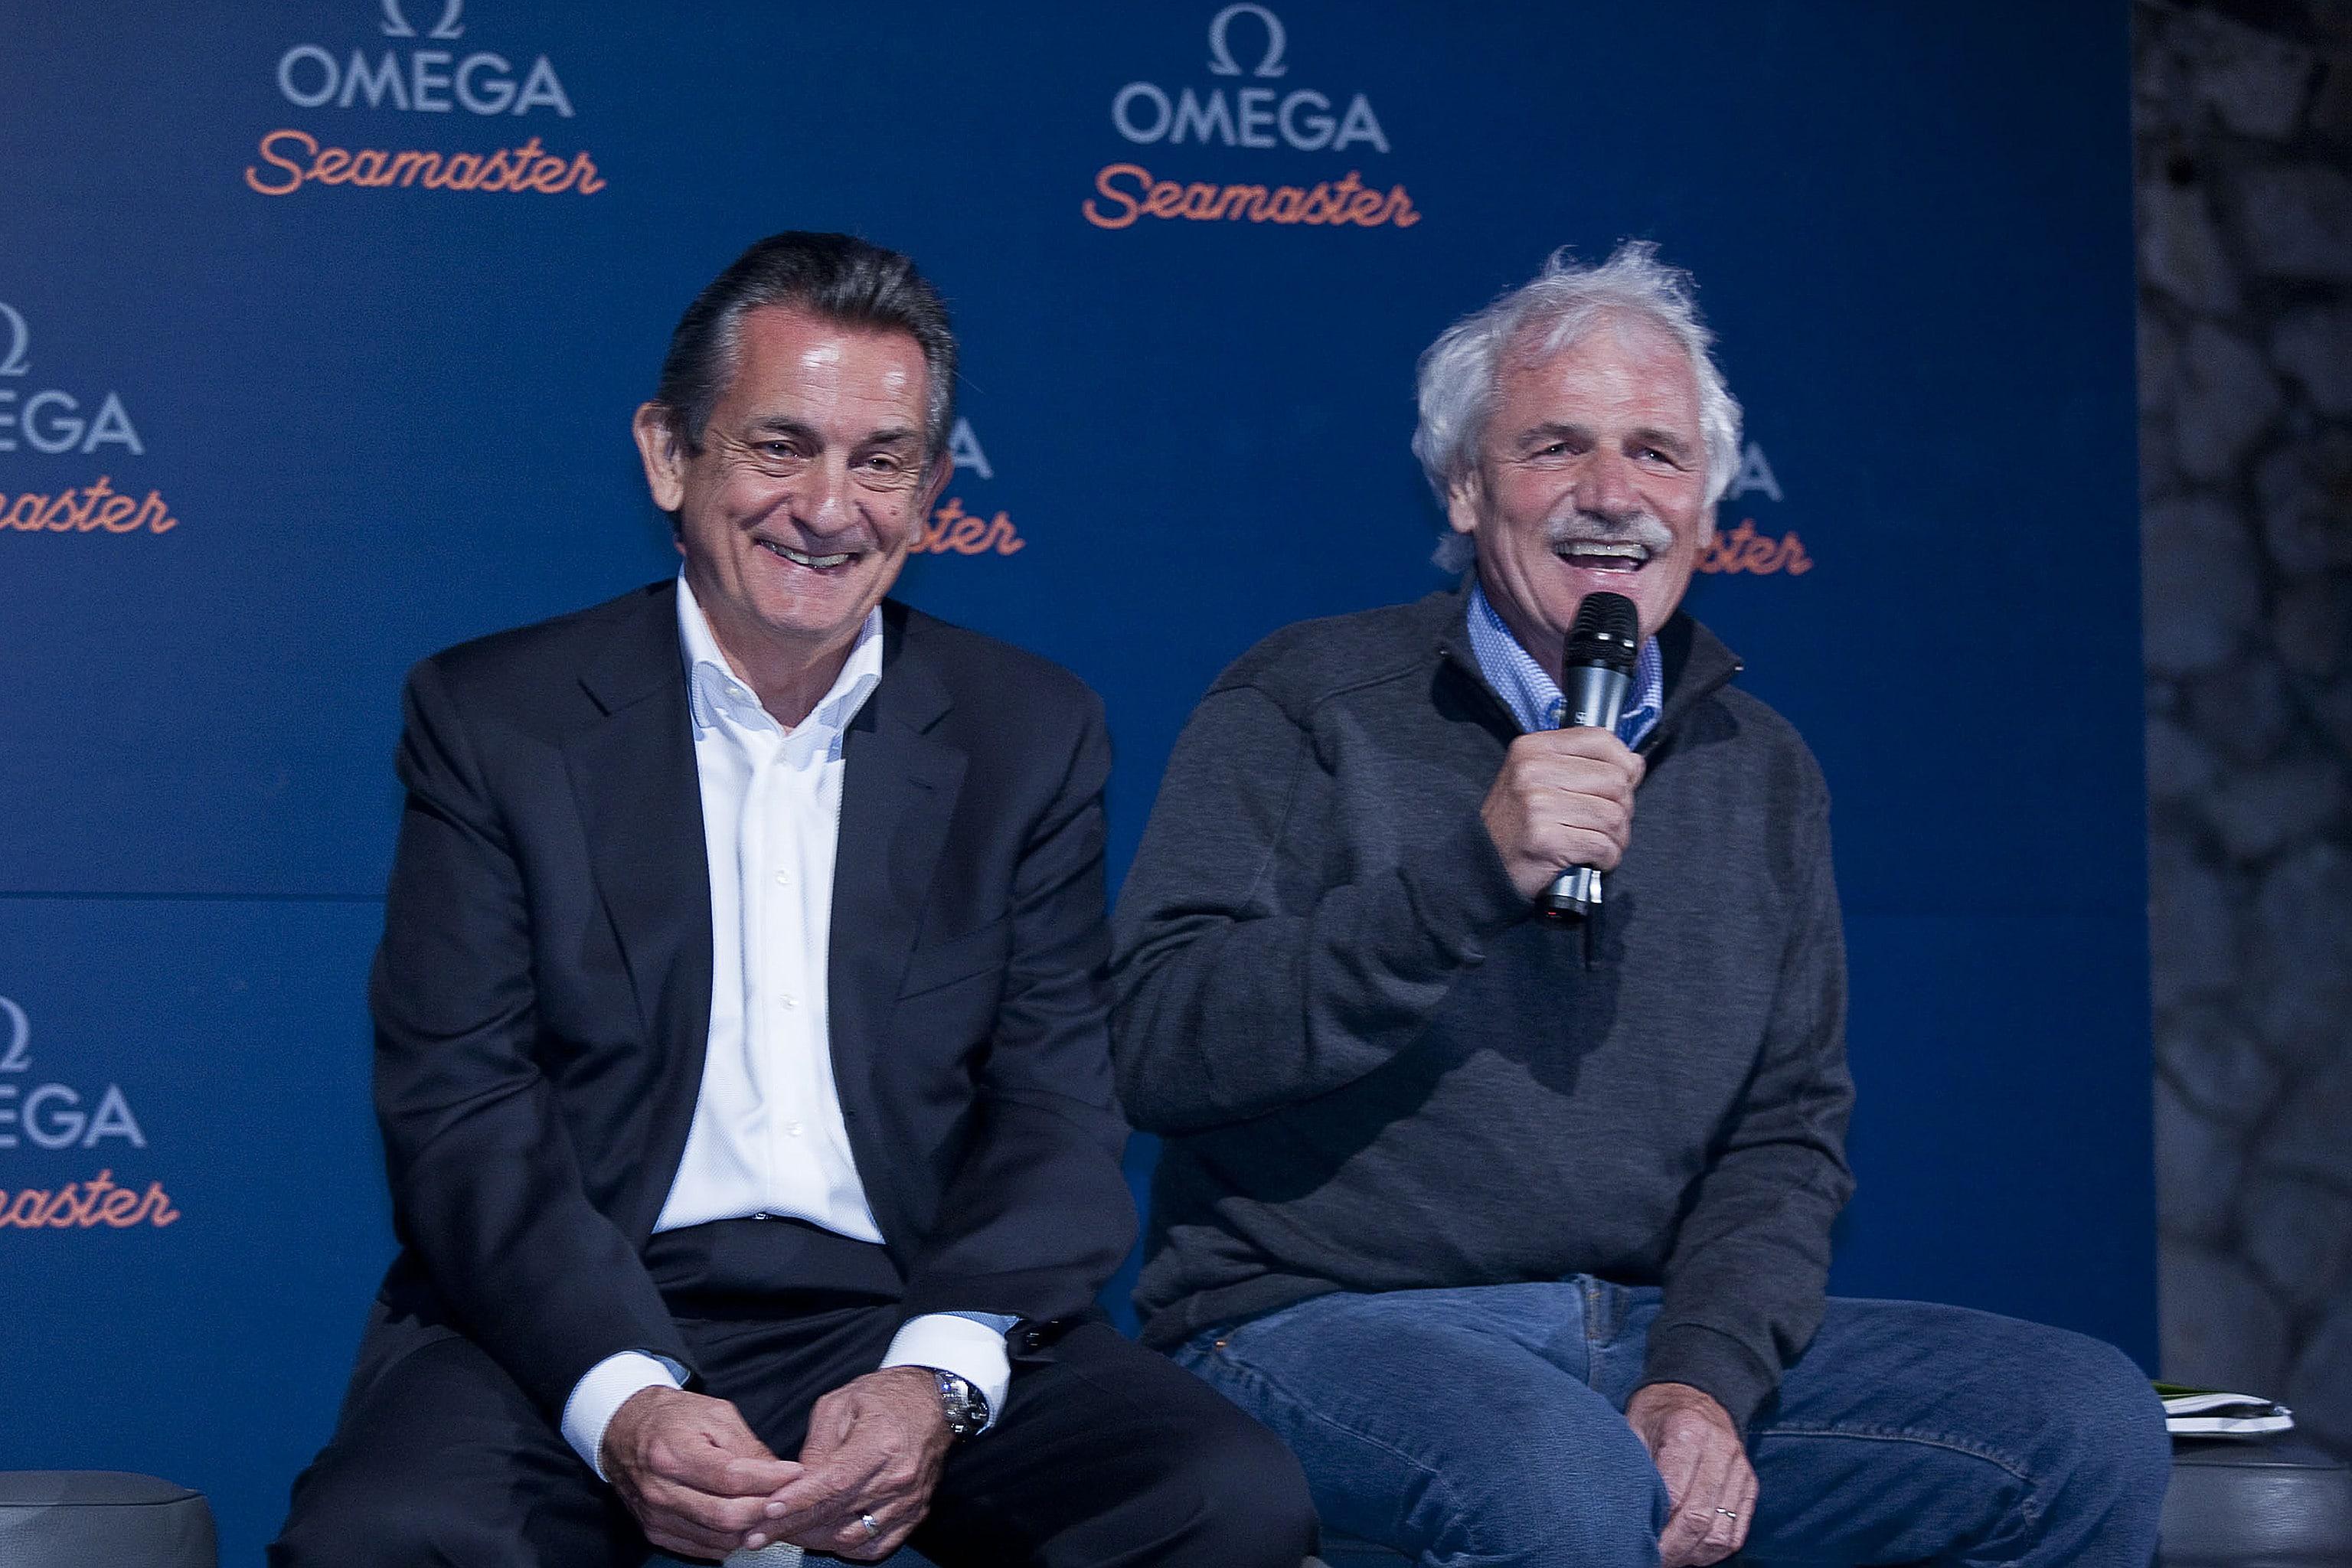 Omega-Präsident Stephen Urquhart und Naturfilmer Yann Arthus-Bertrand geben Partnerschaft bekannt